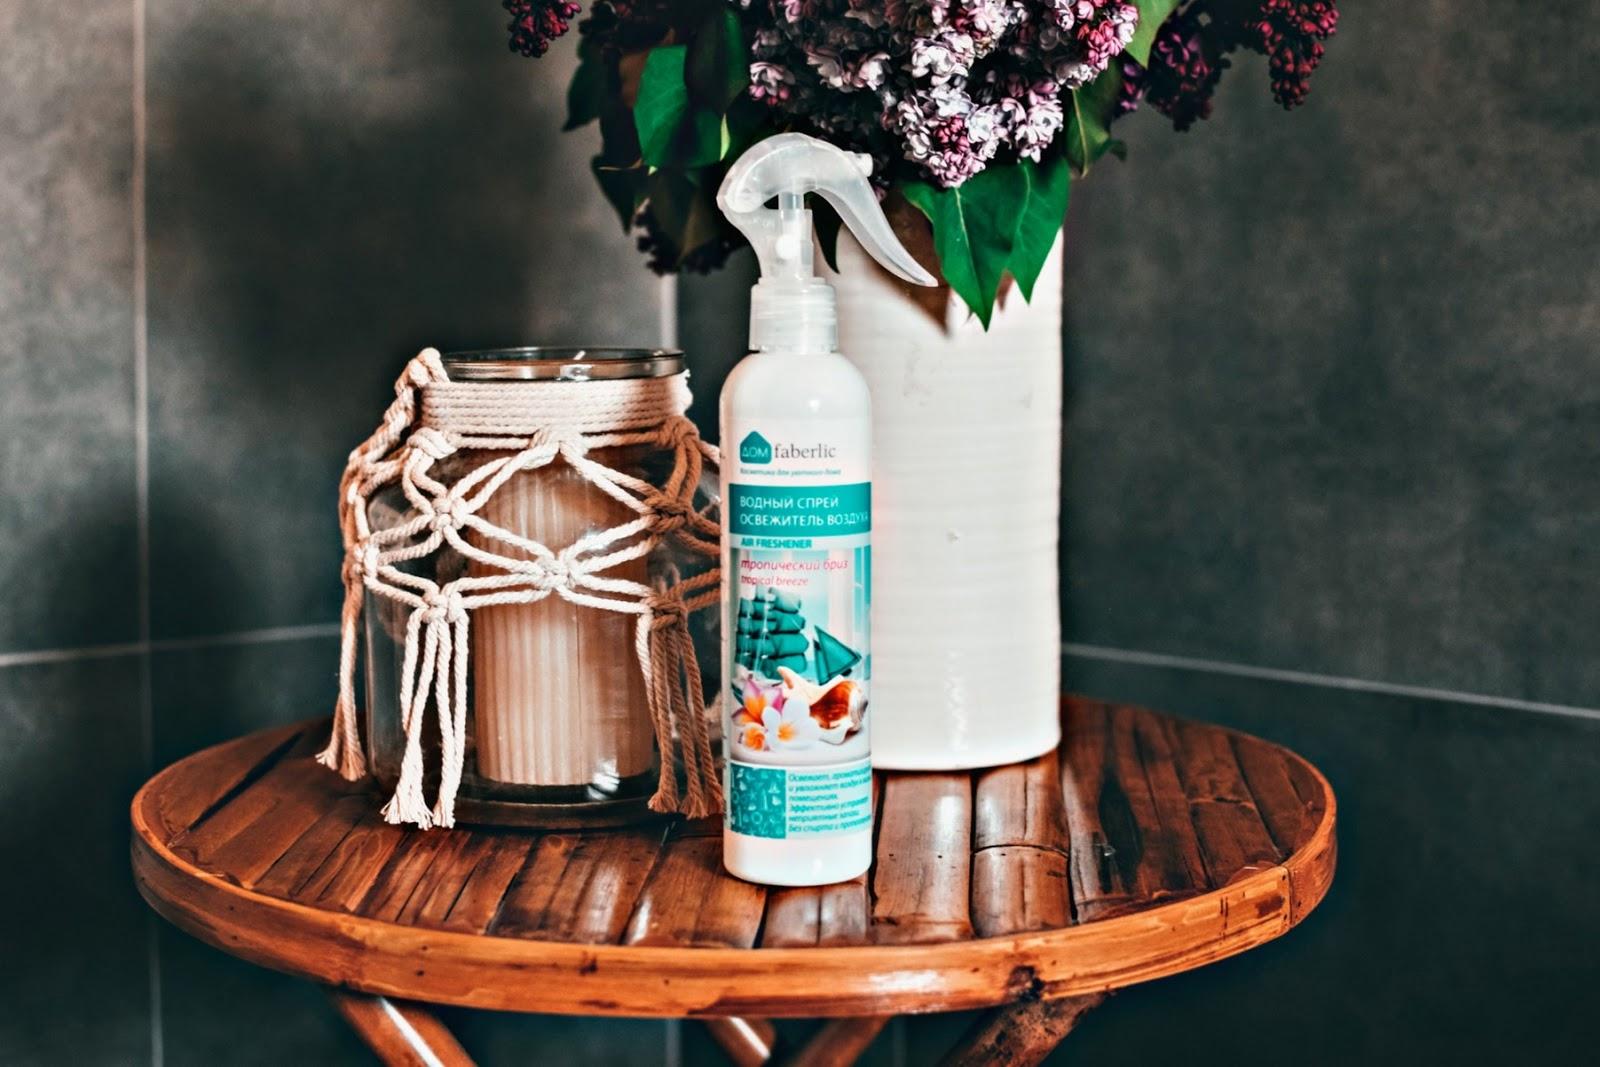 Uniwersalny środek do czyszczenia łazienek, Faberlic